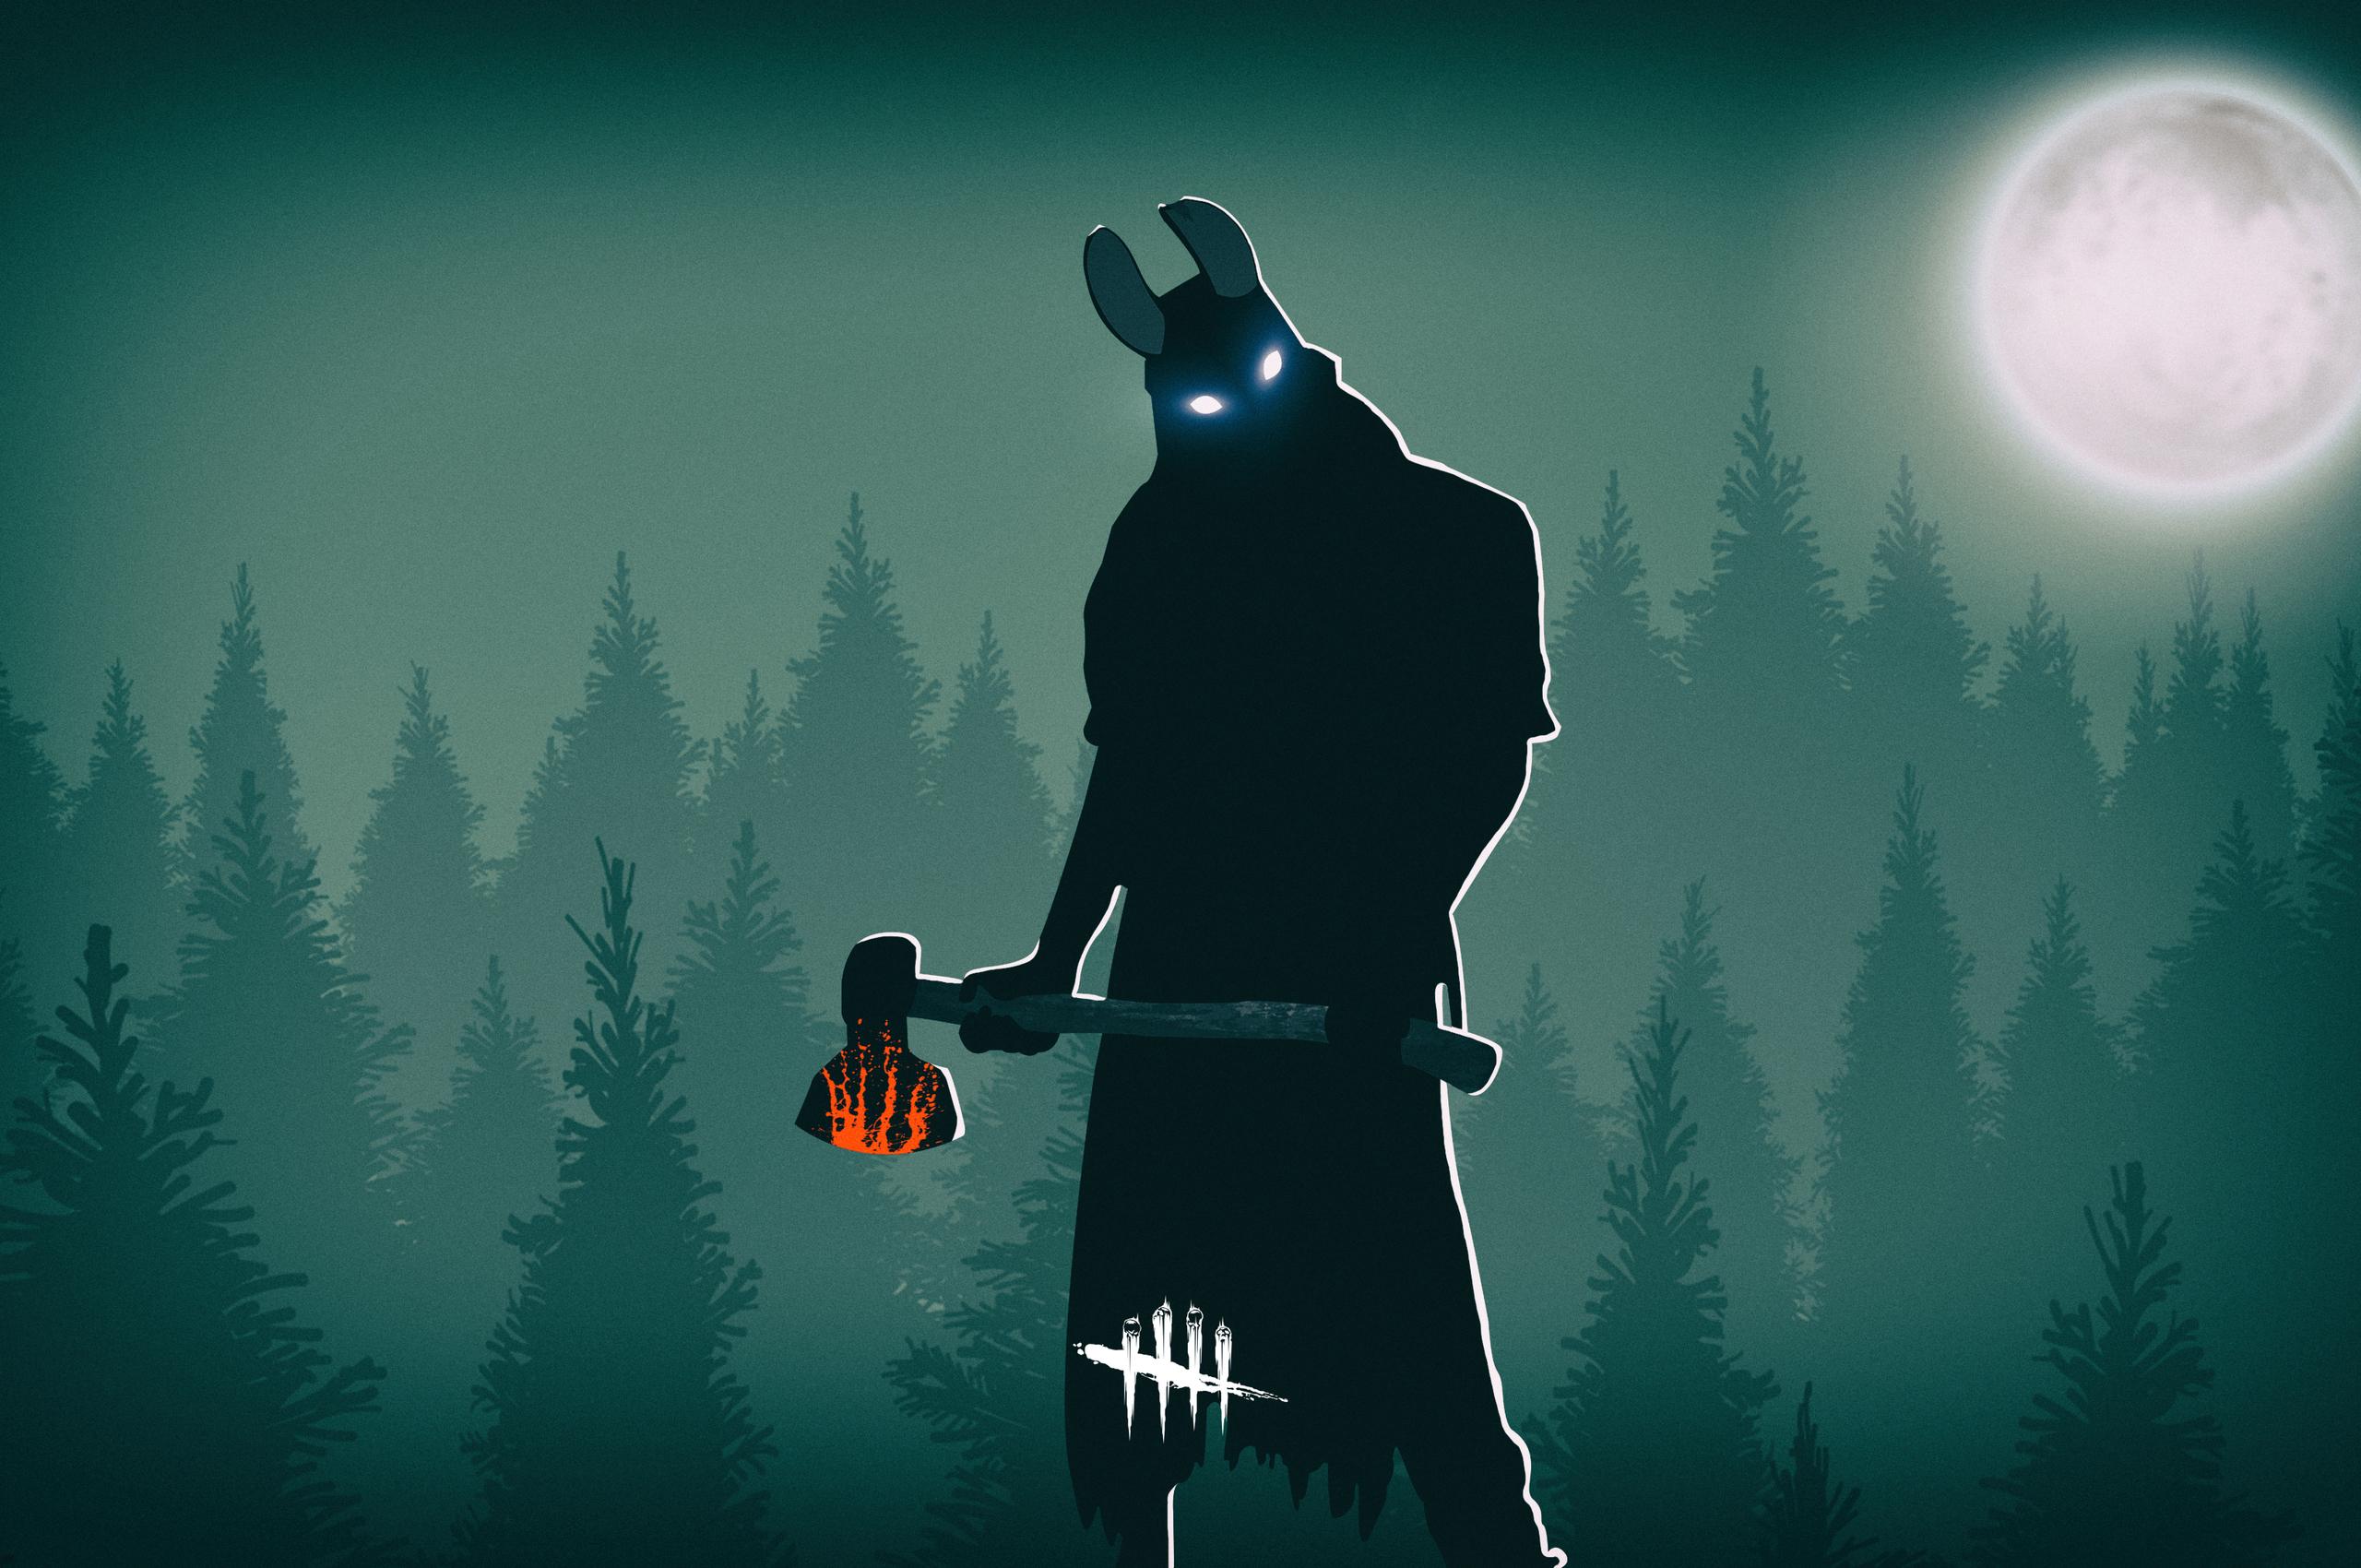 dead-by-daylight-the-huntress-artwork-4k-af.jpg